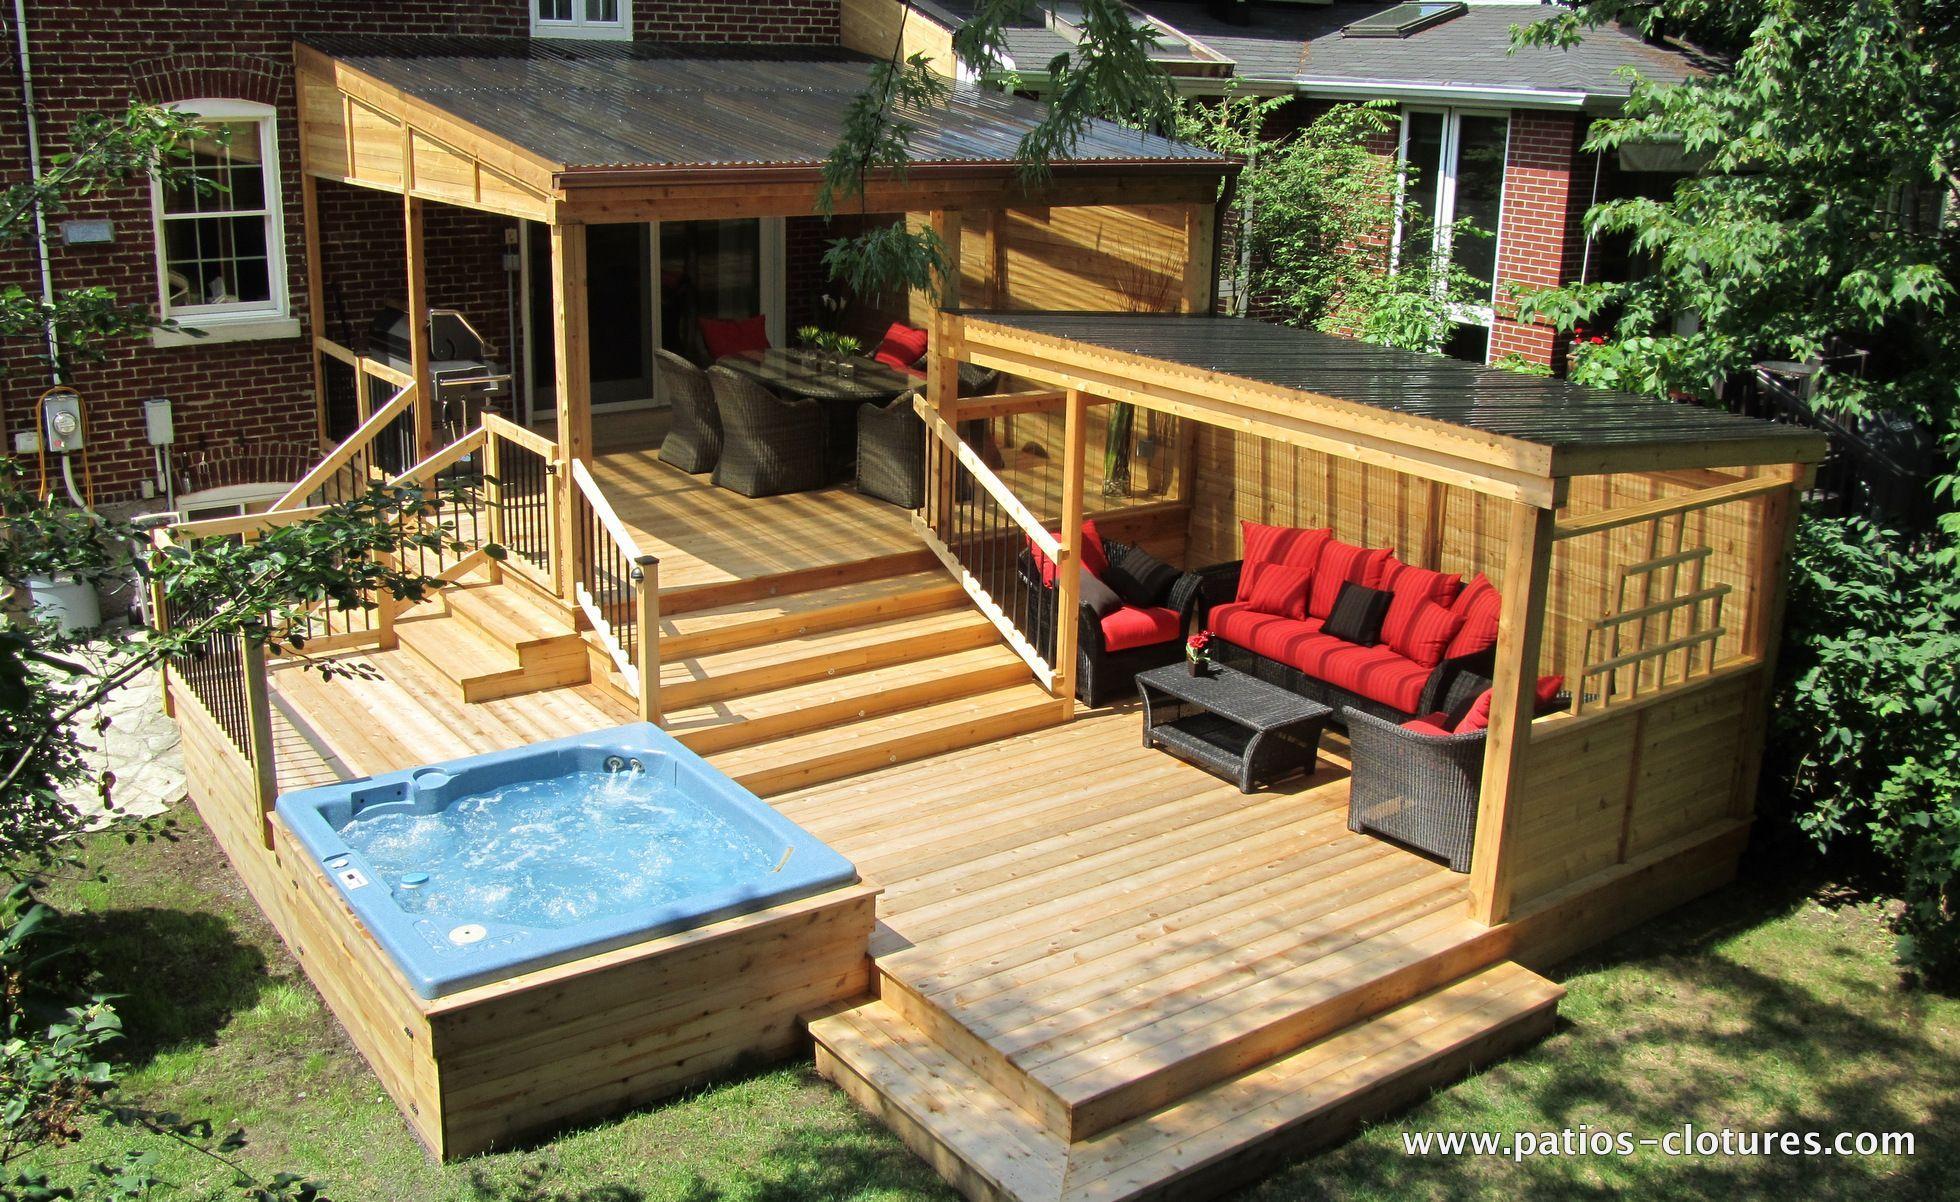 Design Ideas Determining Your Multi level Decks